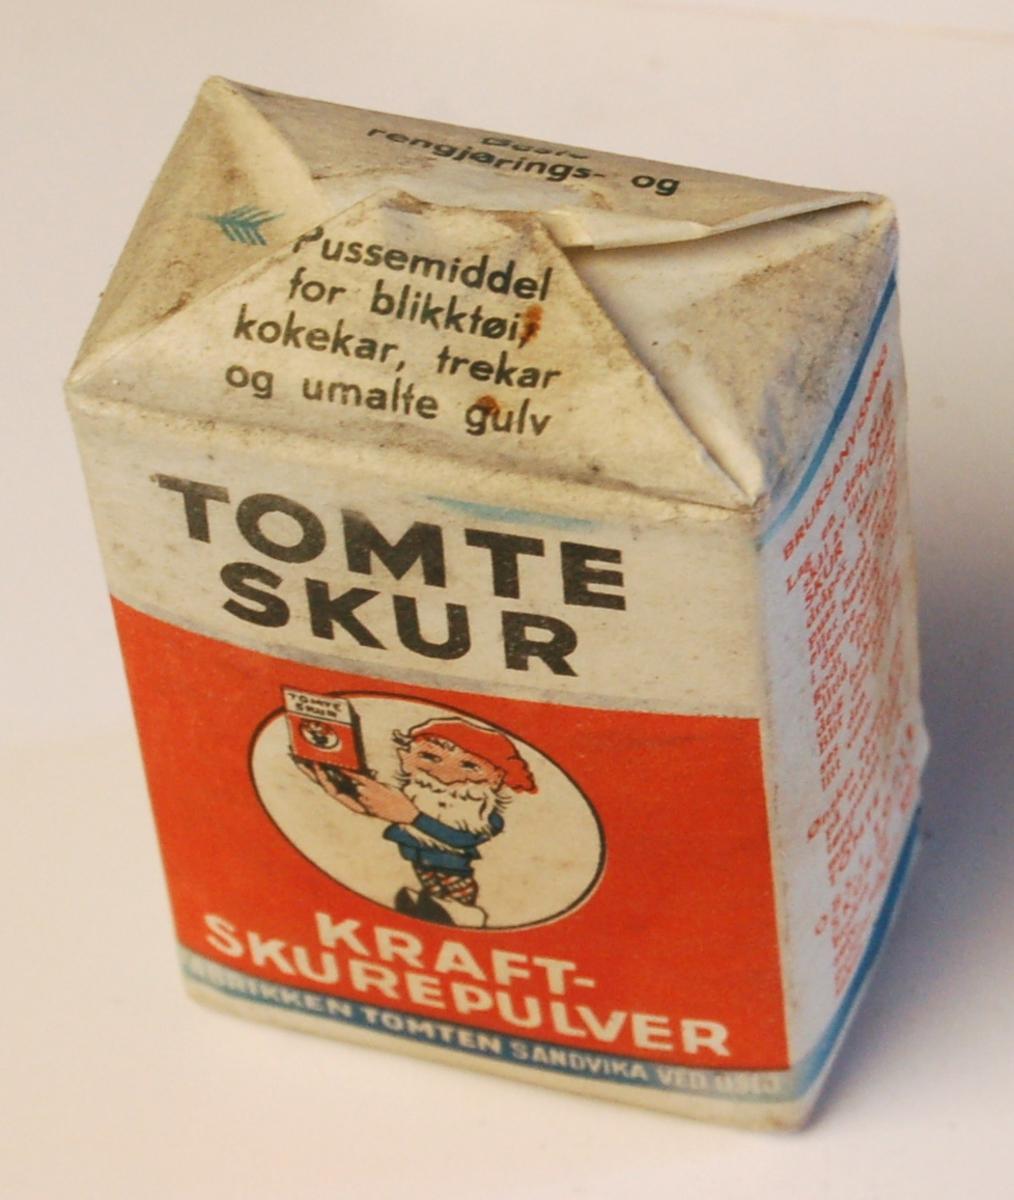 Nisse i tresko med skurepulverpakke i hendene